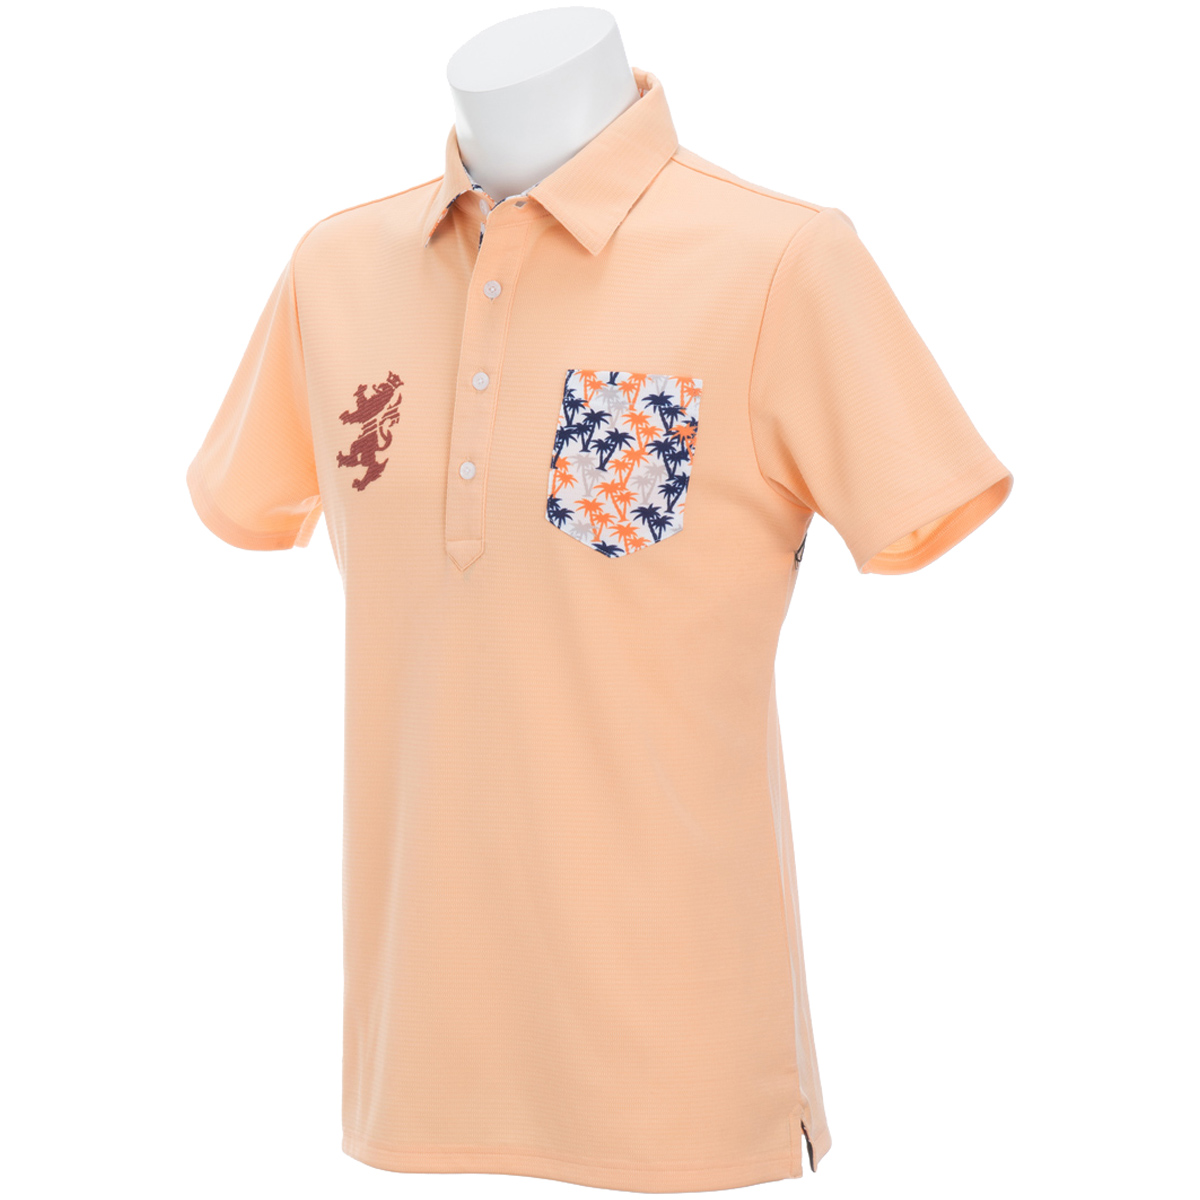 パーツ マイクロヤシの木 半袖ポロシャツ